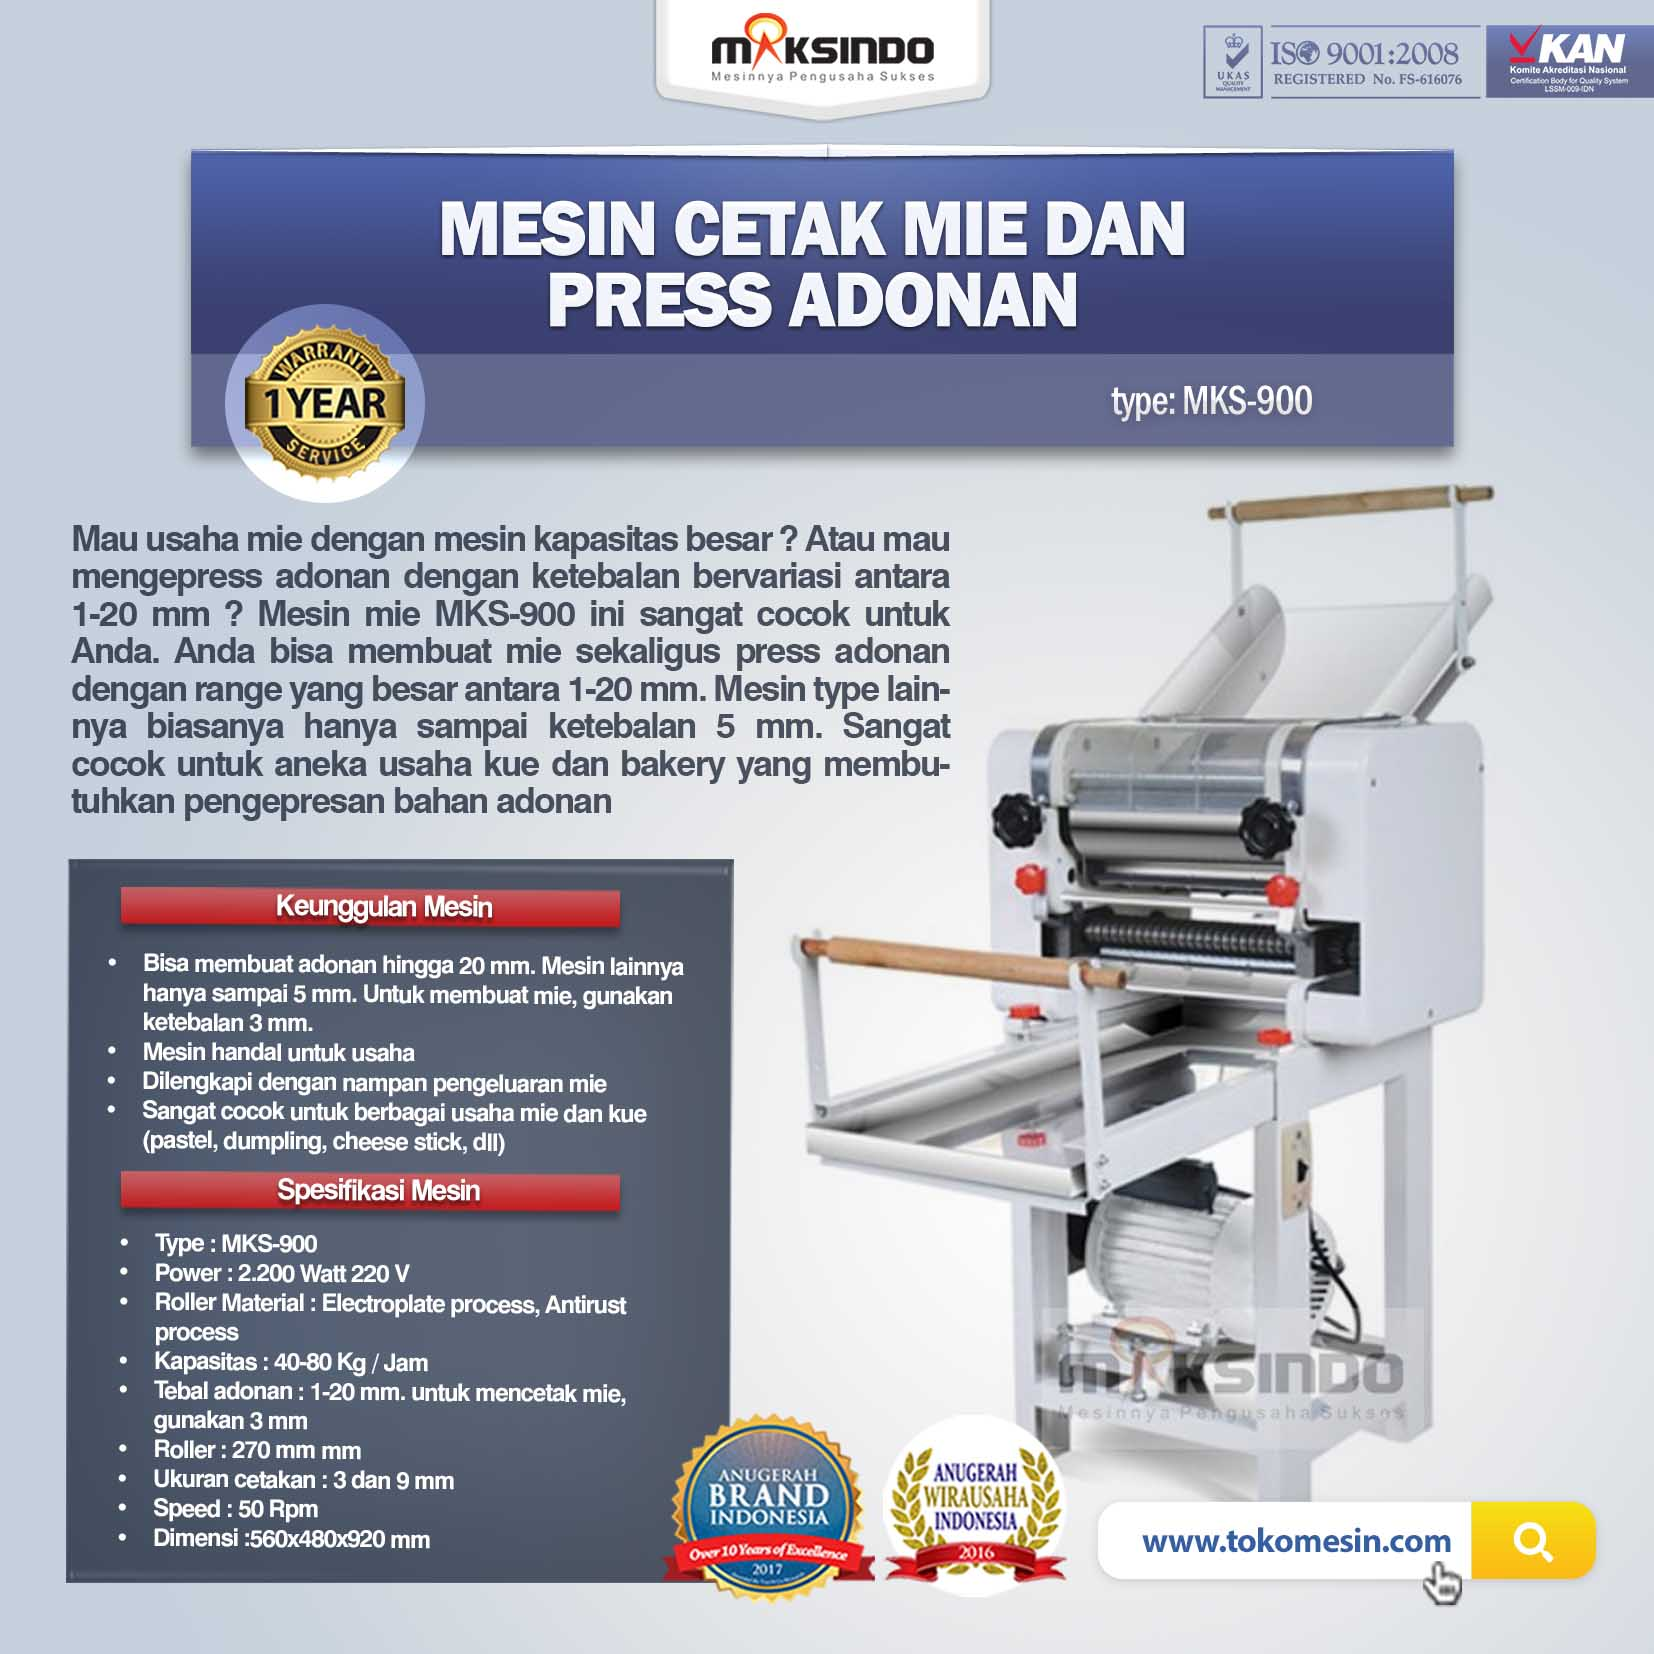 Jual Mesin Cetak Mie dan Press Adonan MKS-900 di Palembang